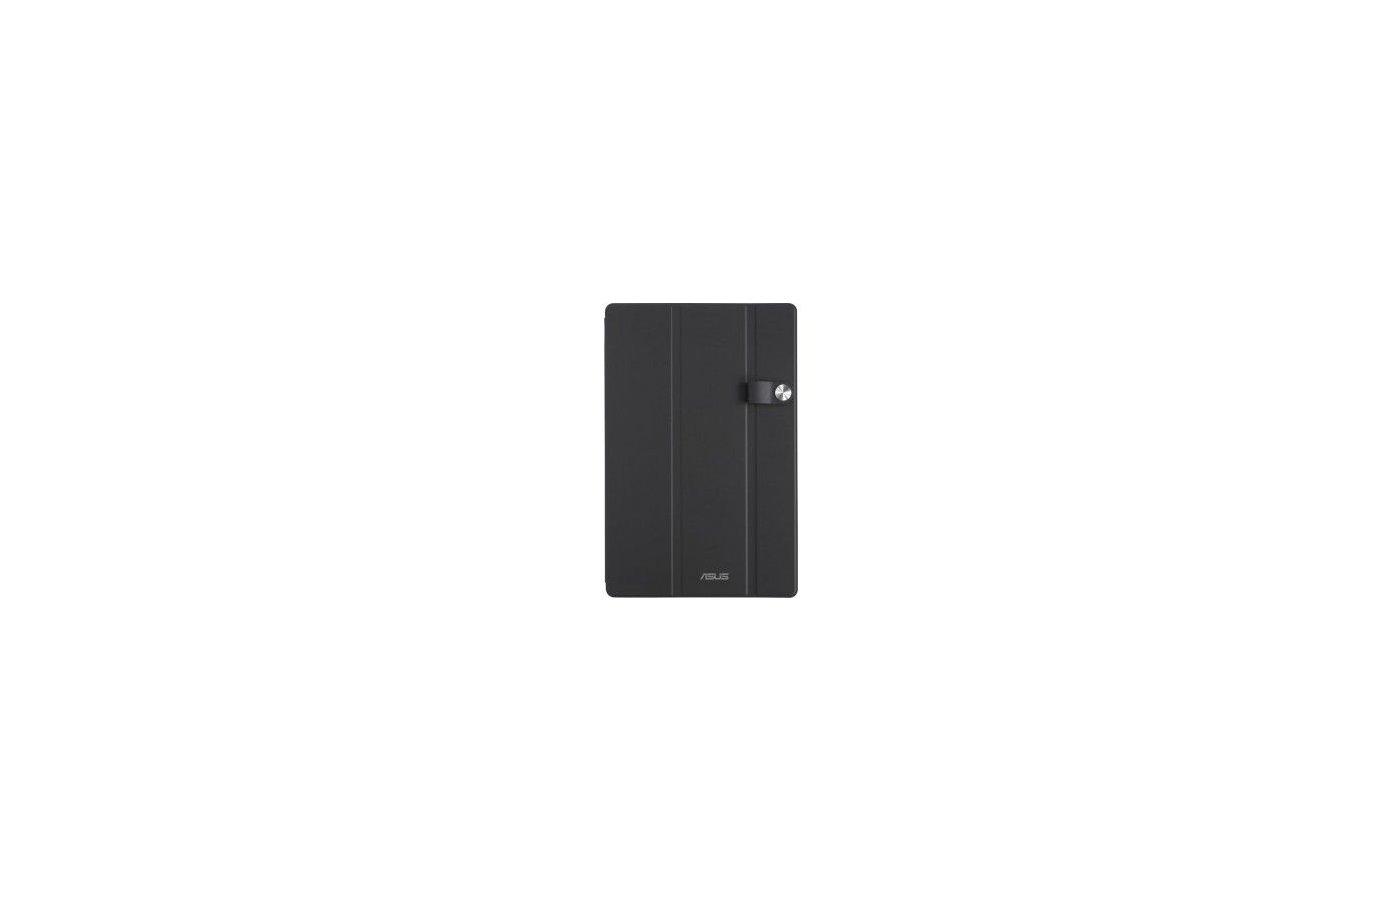 Чехол для планшетного ПК Asus для ZenPad 8 PAD-14 TRICOVER/Z580/BK/8 полиуретан/поликарбонат черный (90XB015P-BSL340)